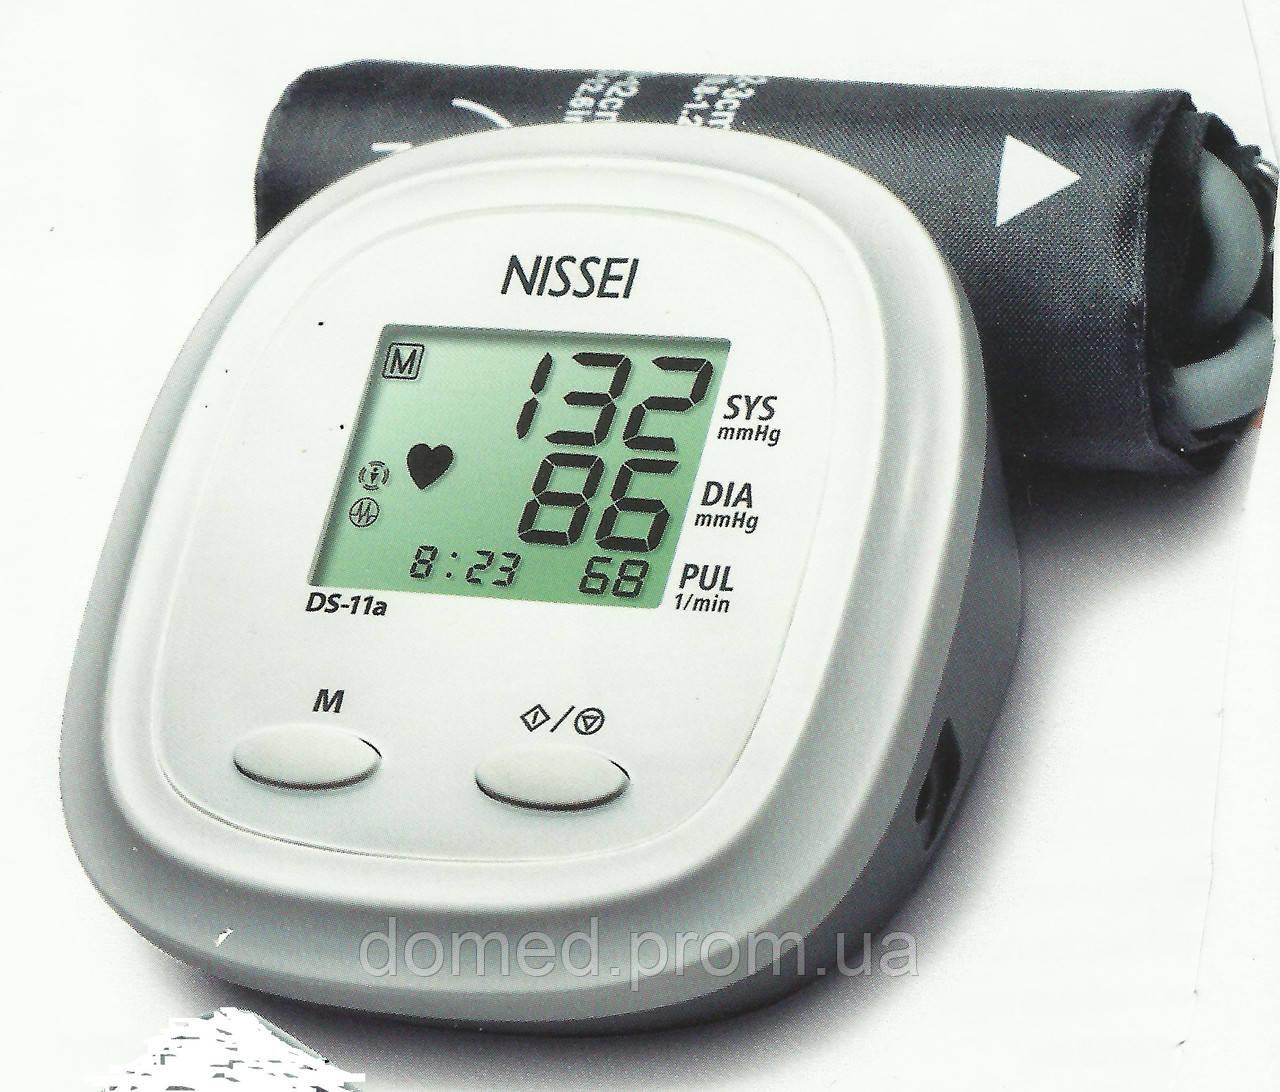 Автоматический тонометр NISSEI DS-11